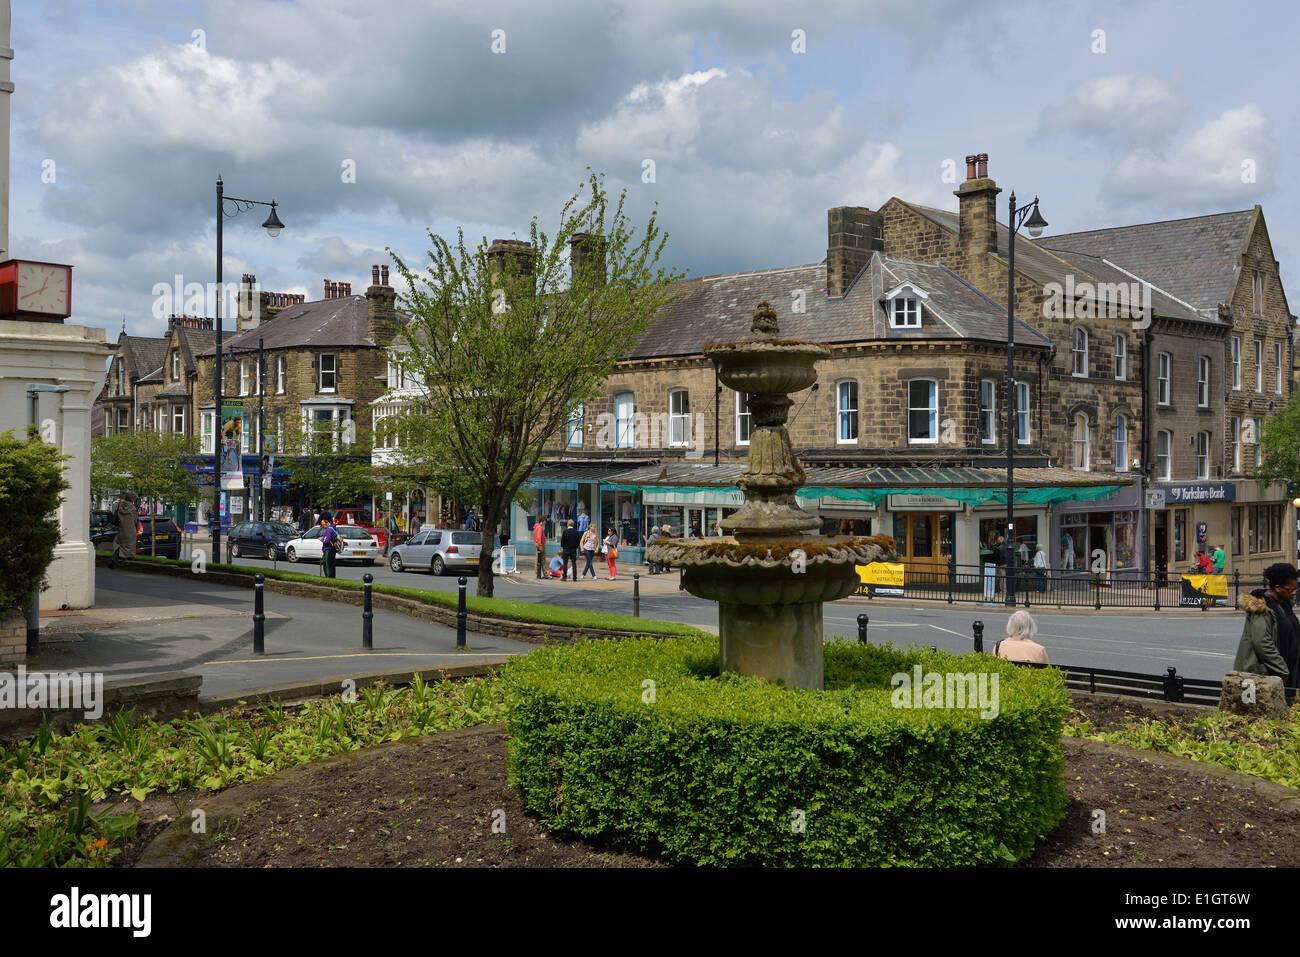 Ilkley, West Yorkshire, England, United Kingdom, Yorkshire, Europe - Stock Image